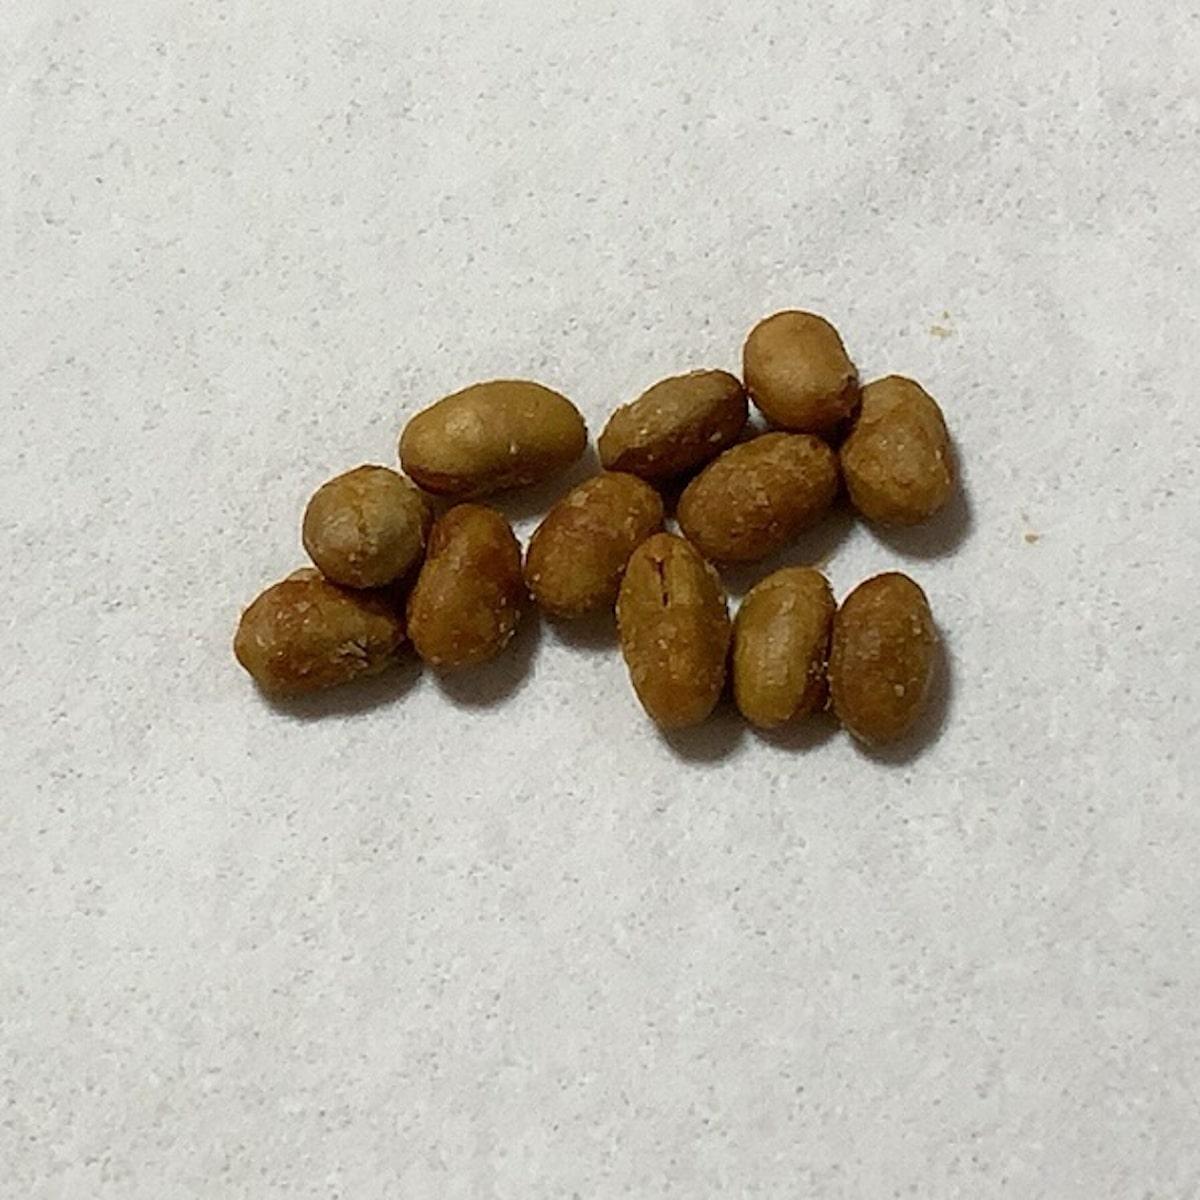 「ポリッと納豆」のドライ納豆の画像